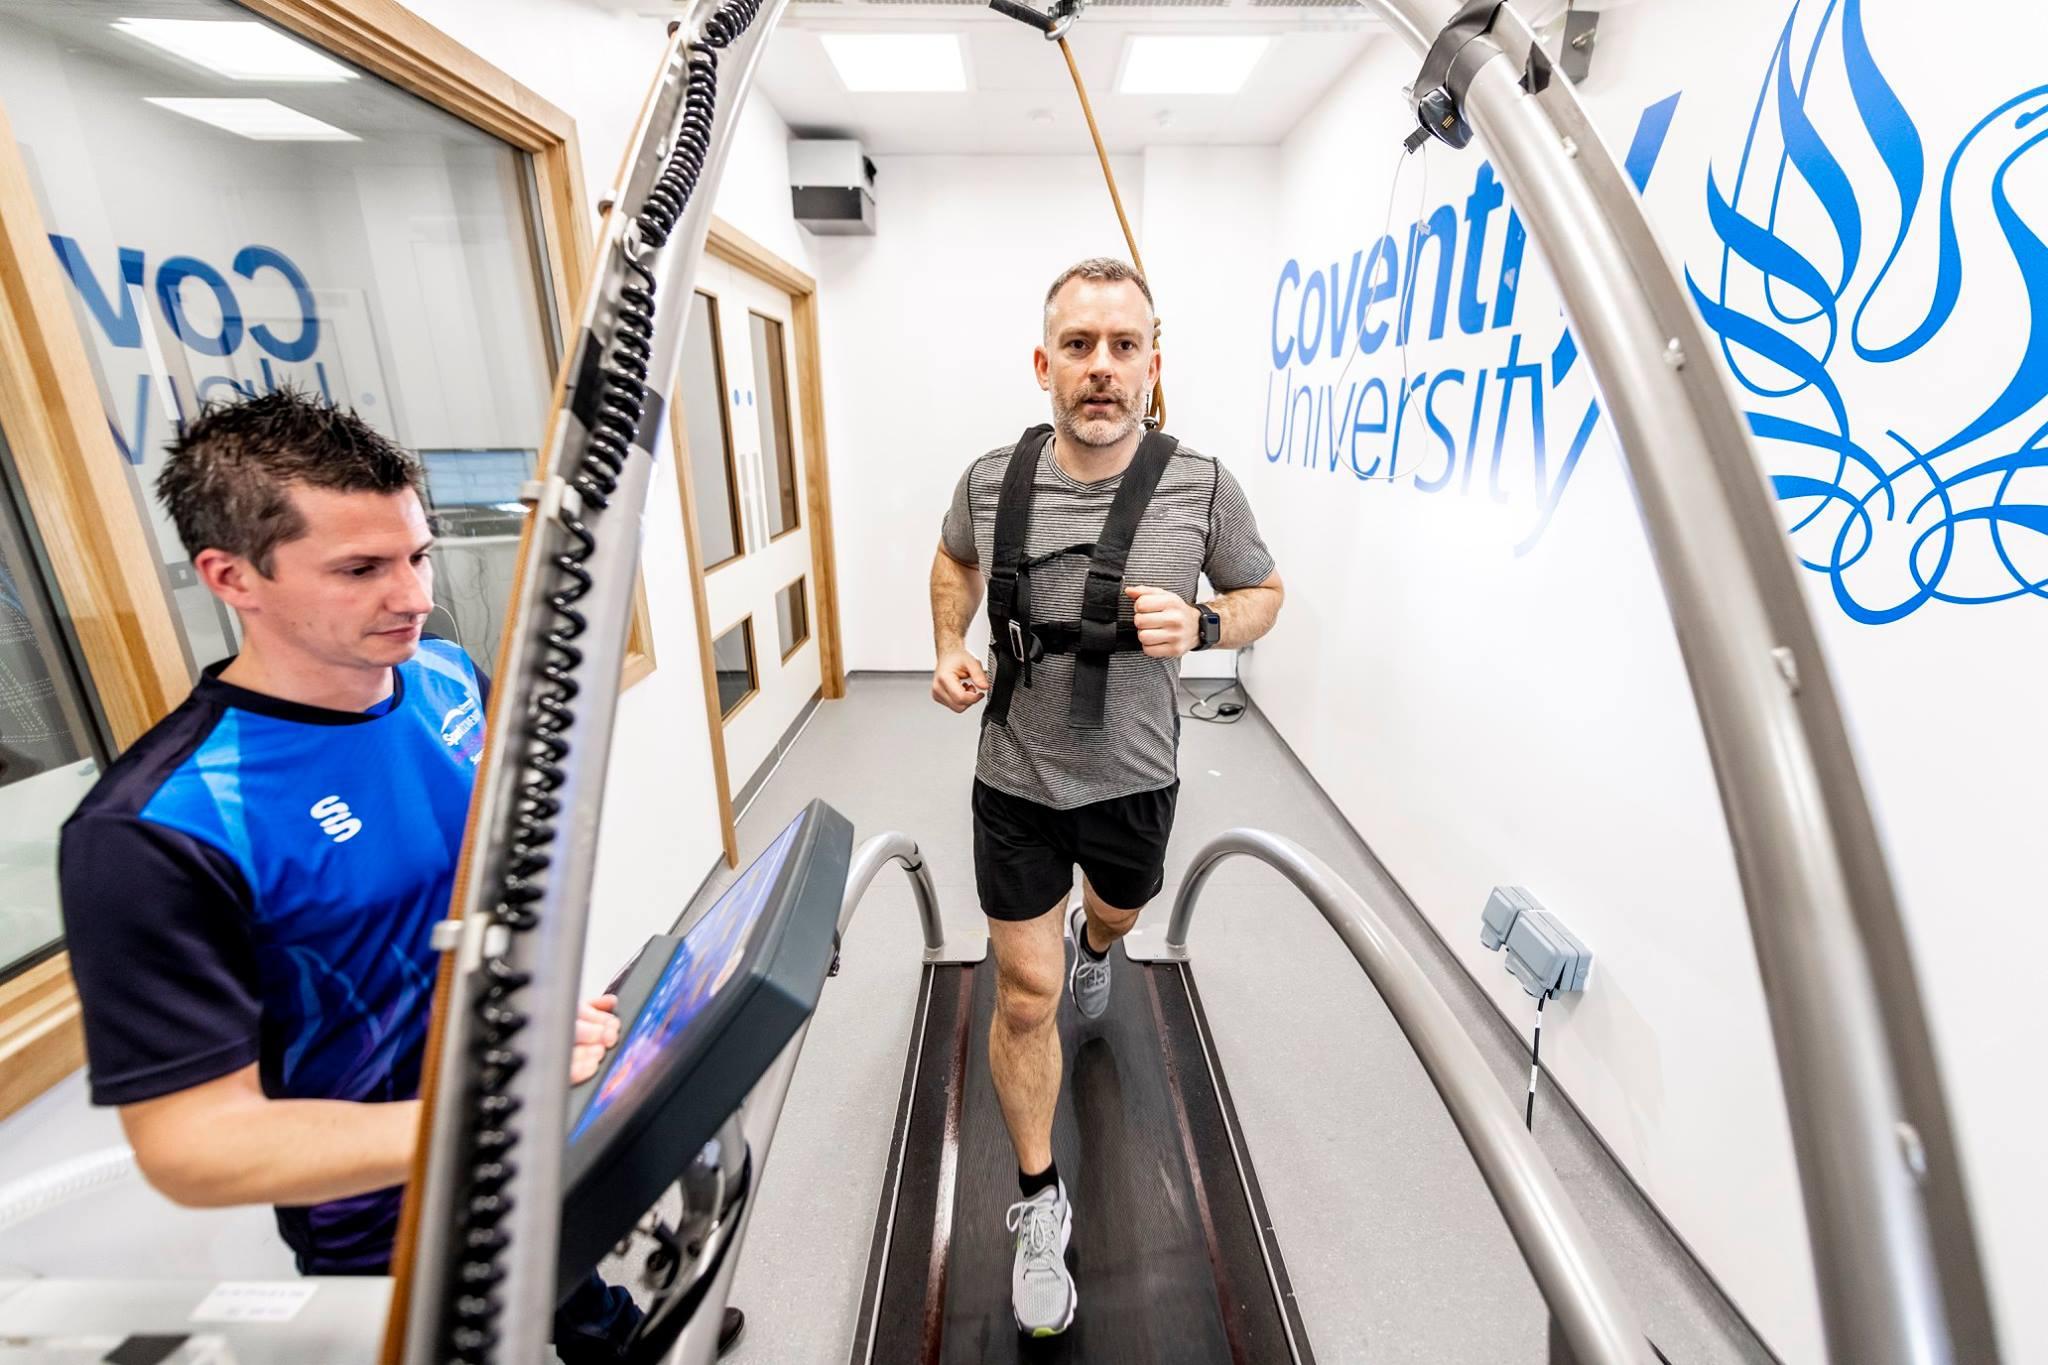 Спорт в Coventry University